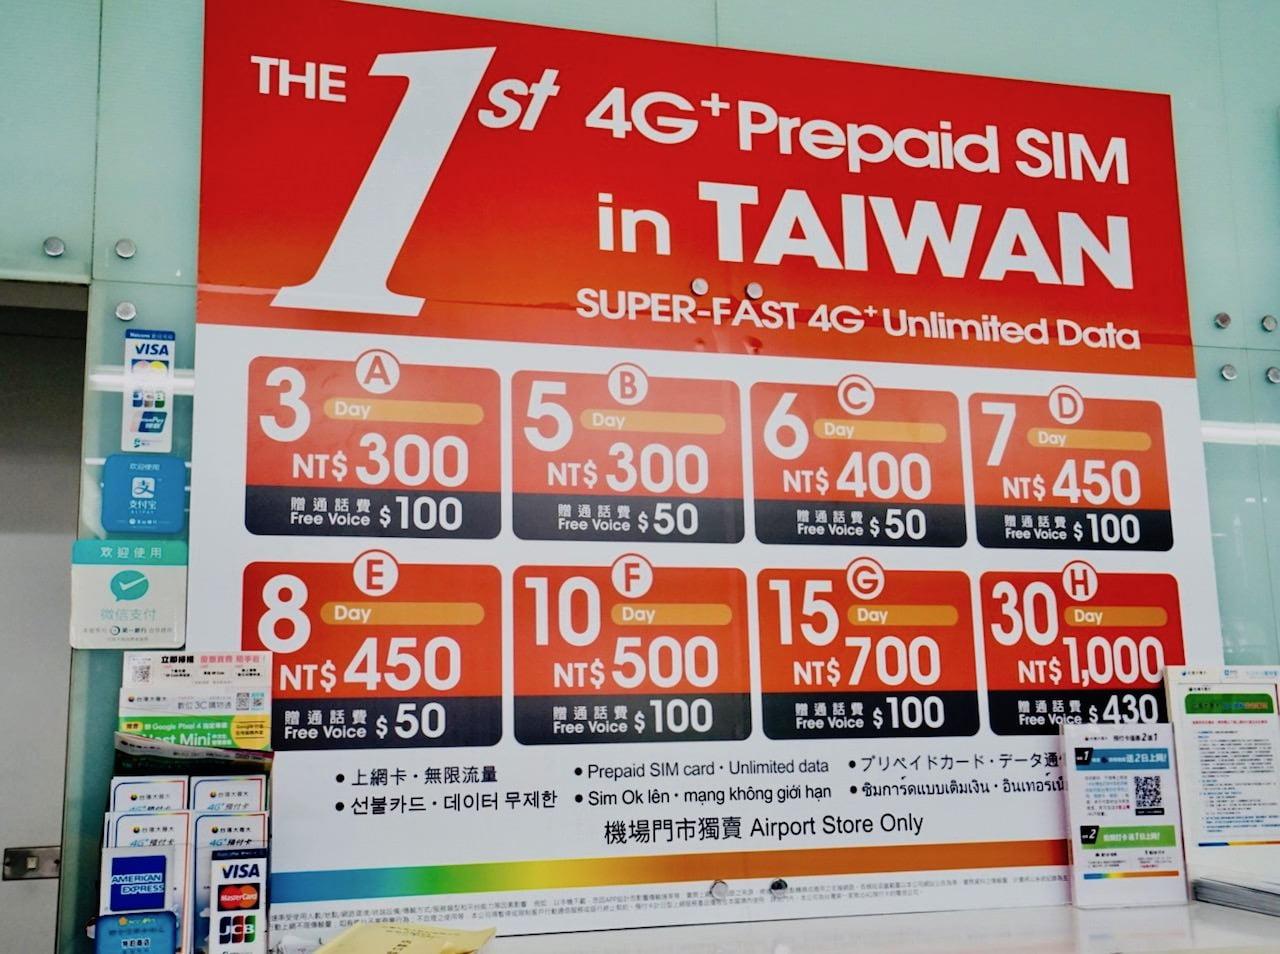 桃園空港第1ターミナルのプリペイドSIMカード売り場 台湾大哥大の価格表